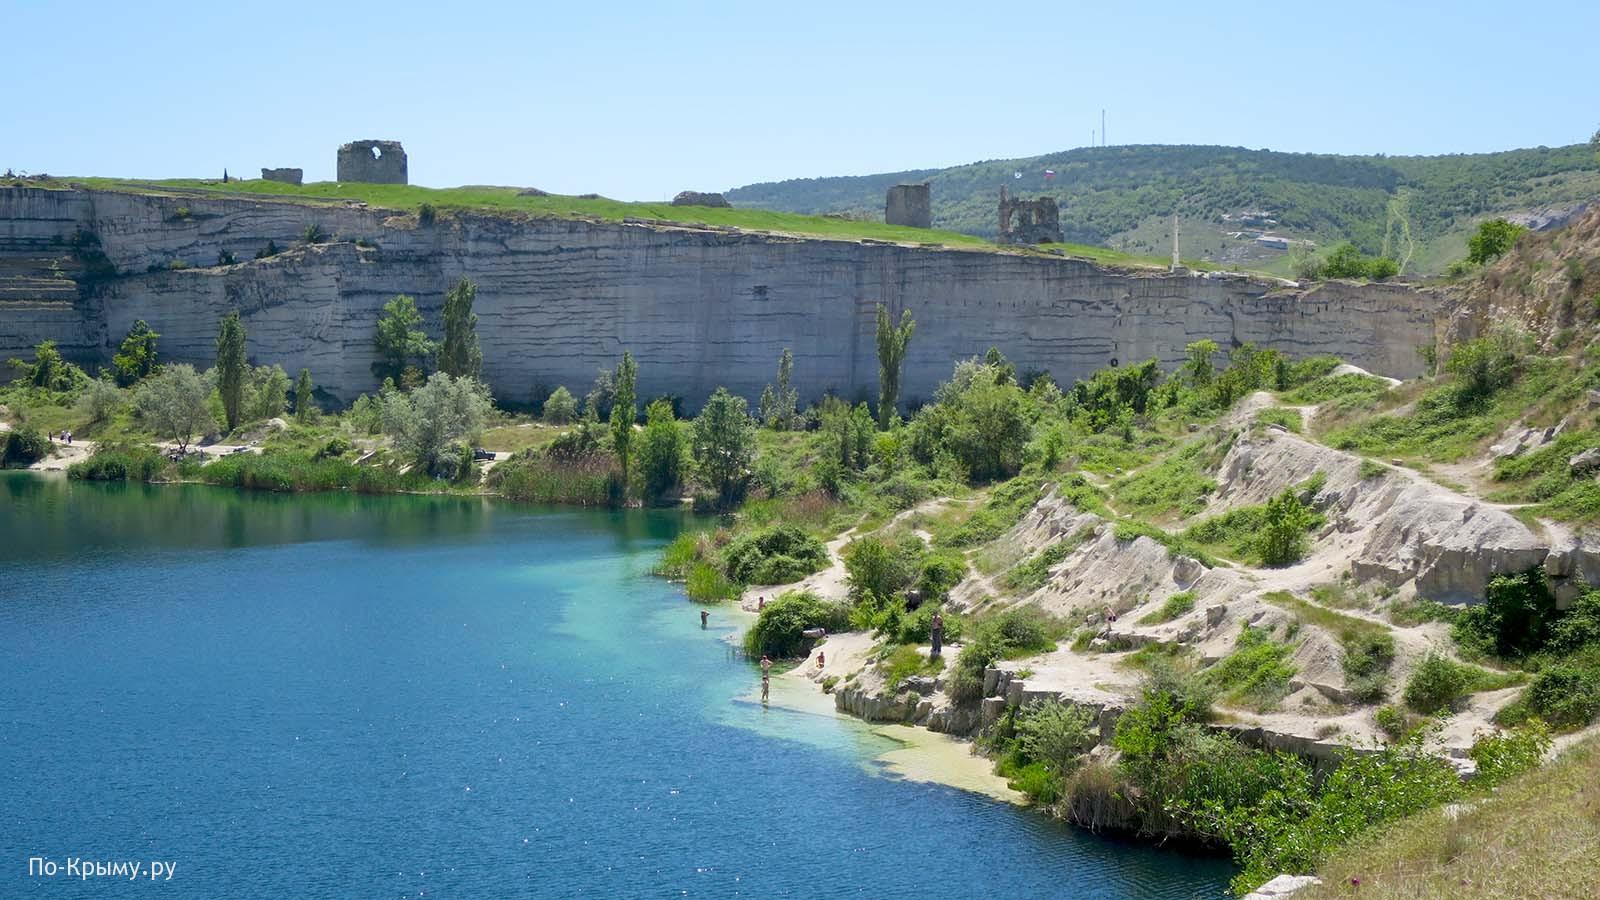 Инерманский карьер - озеро св. Климента